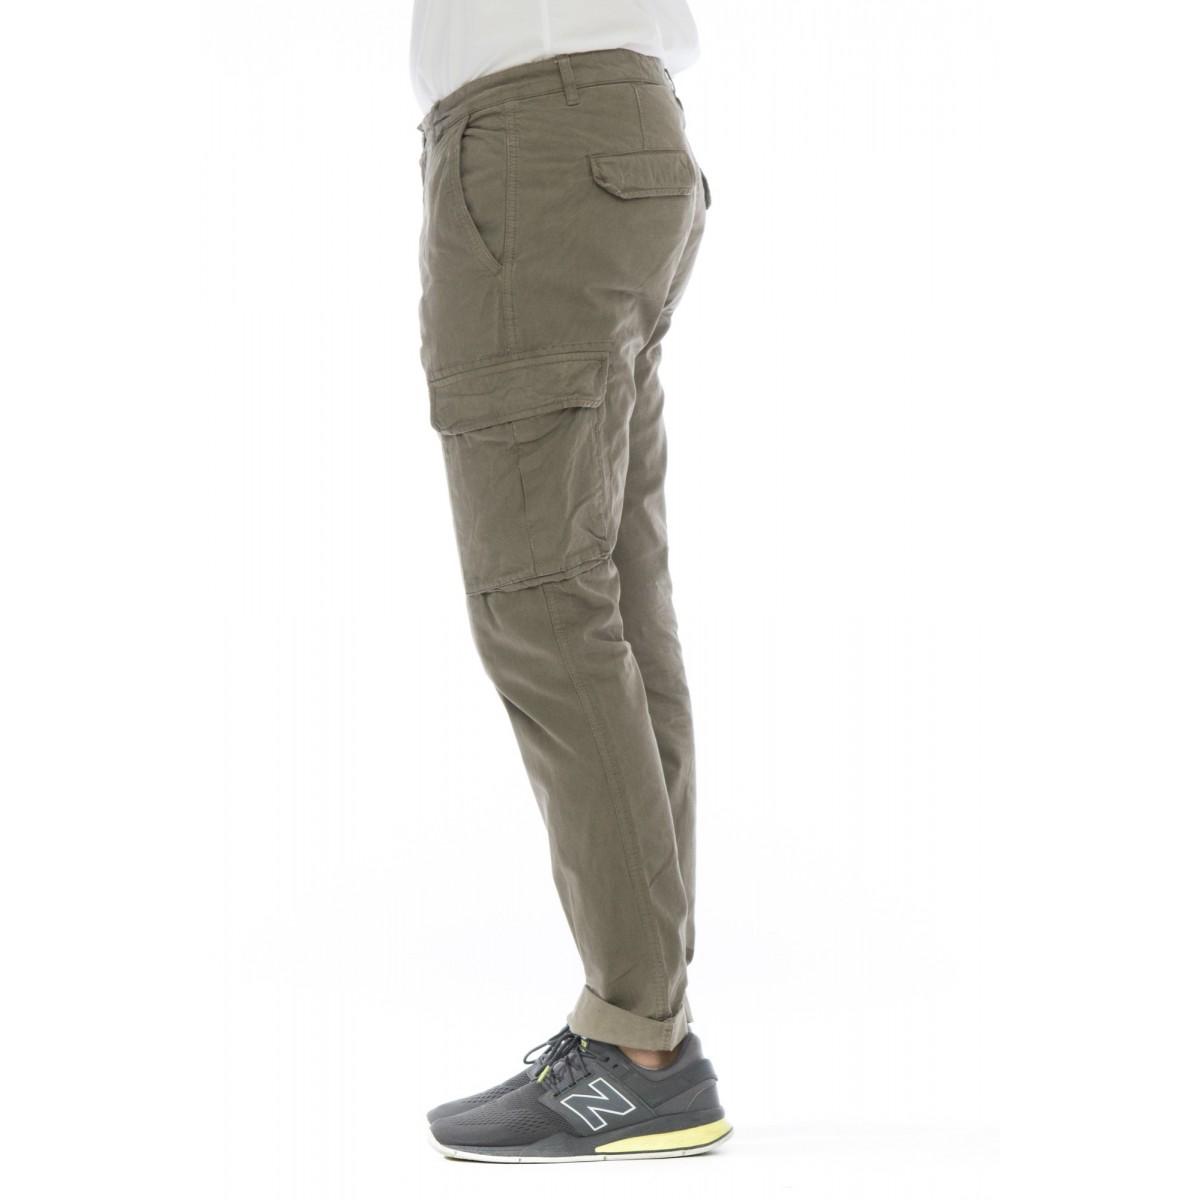 Pantalone uomo - Aiko 1027 pantalone tasconato slim